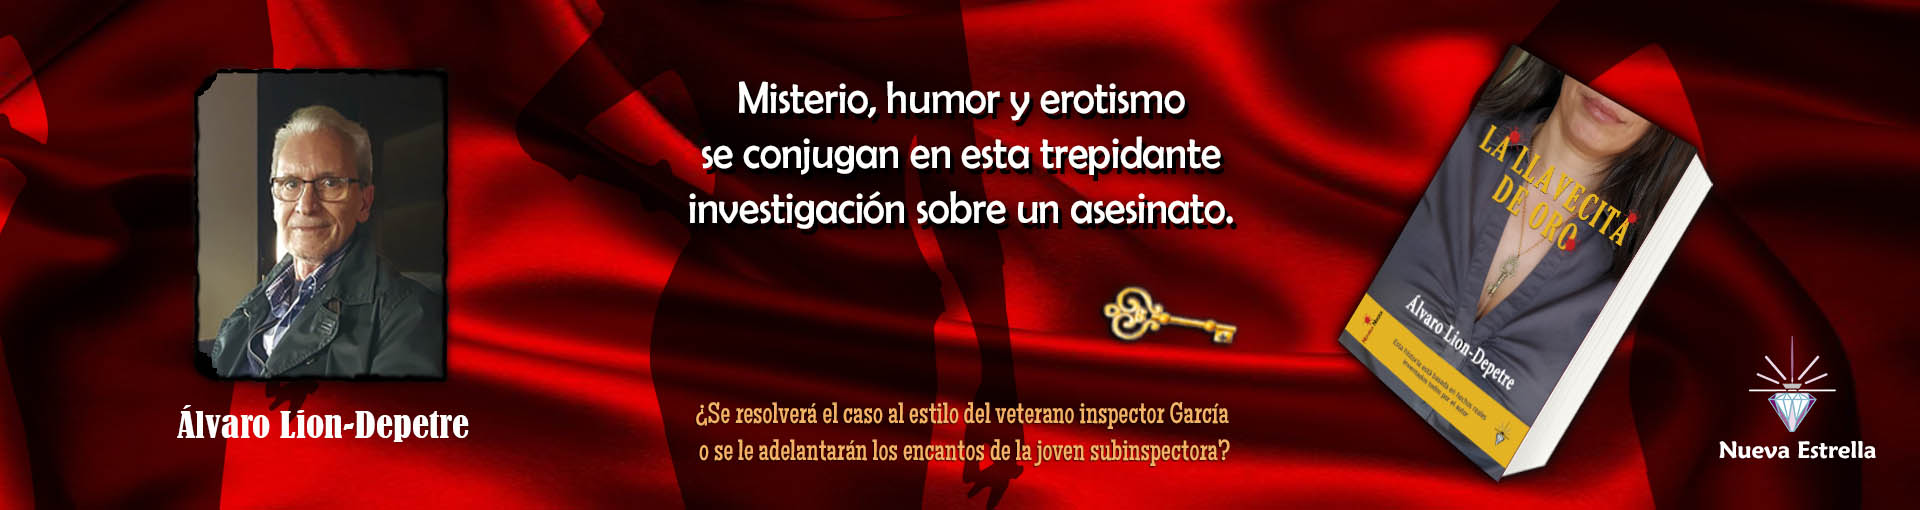 2020.07.02 Banner Llavecita-saten-rojo-